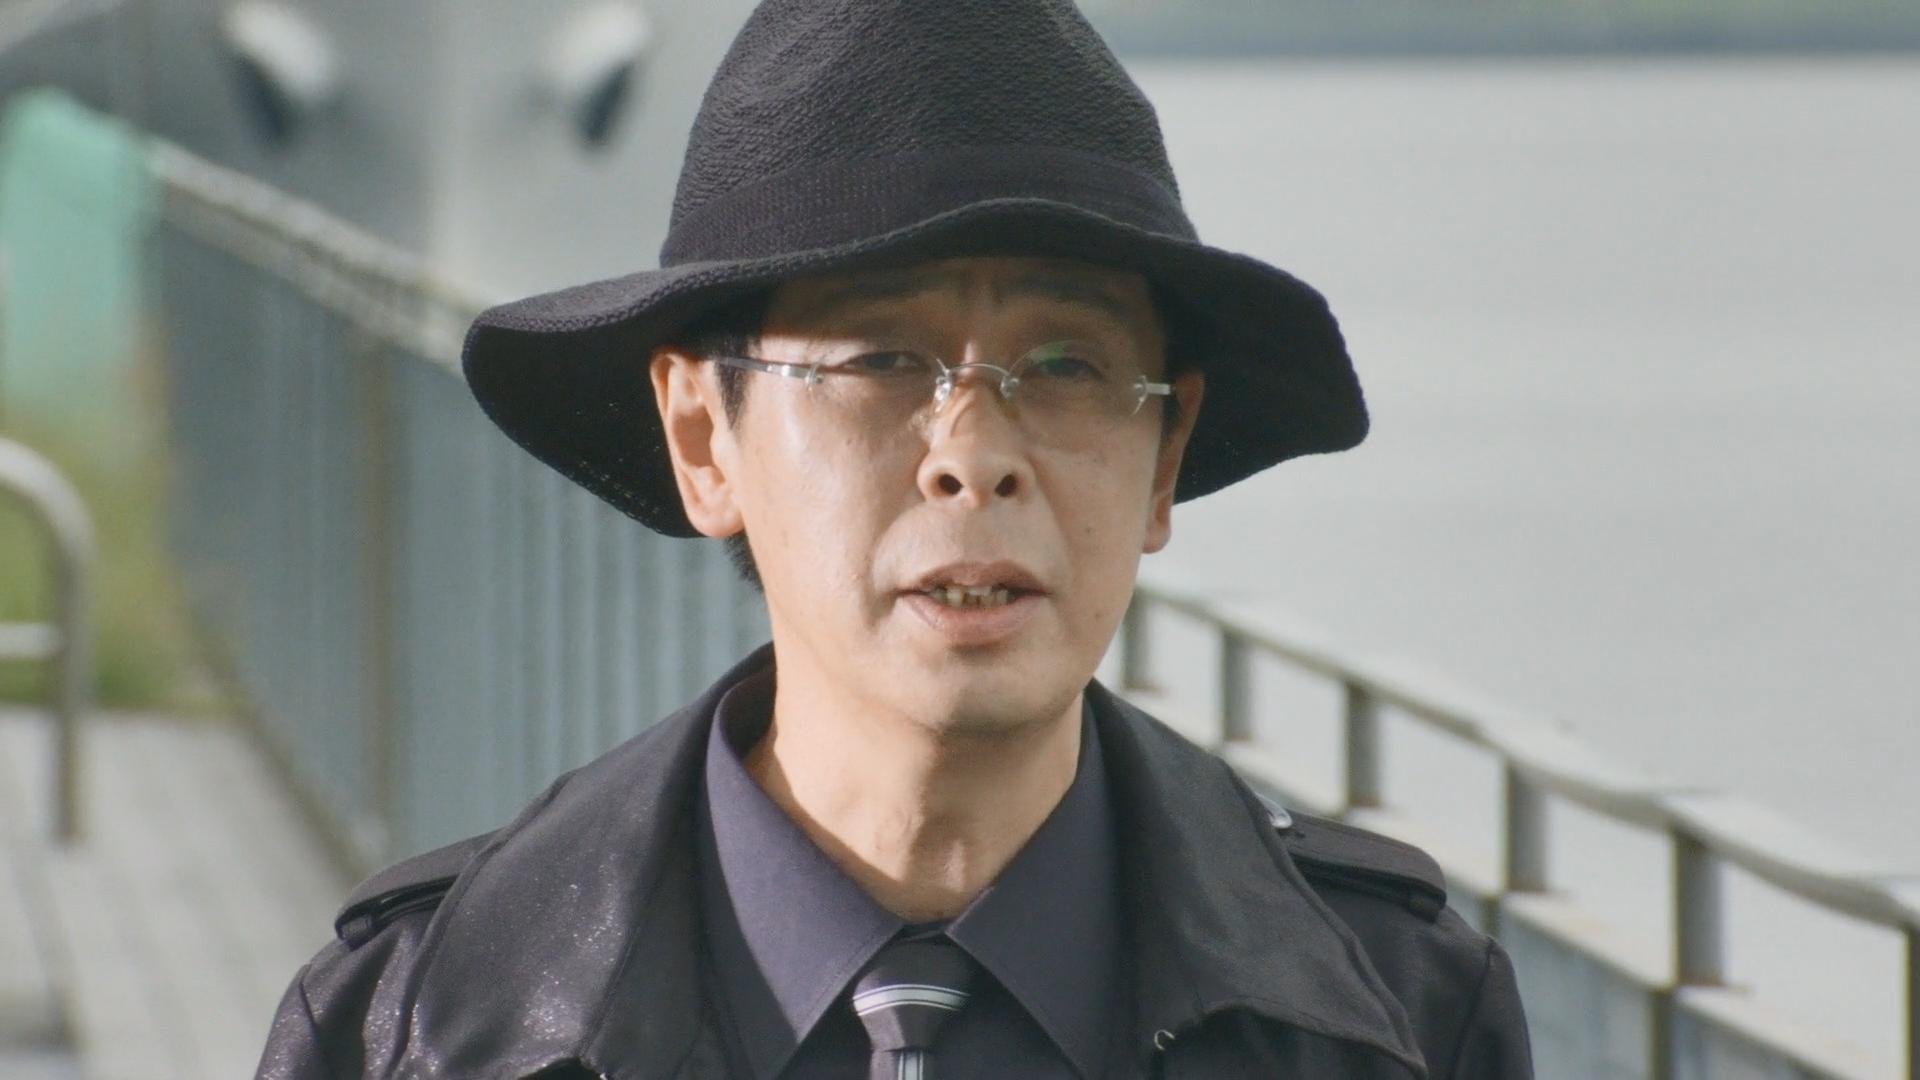 Chikara Saionji